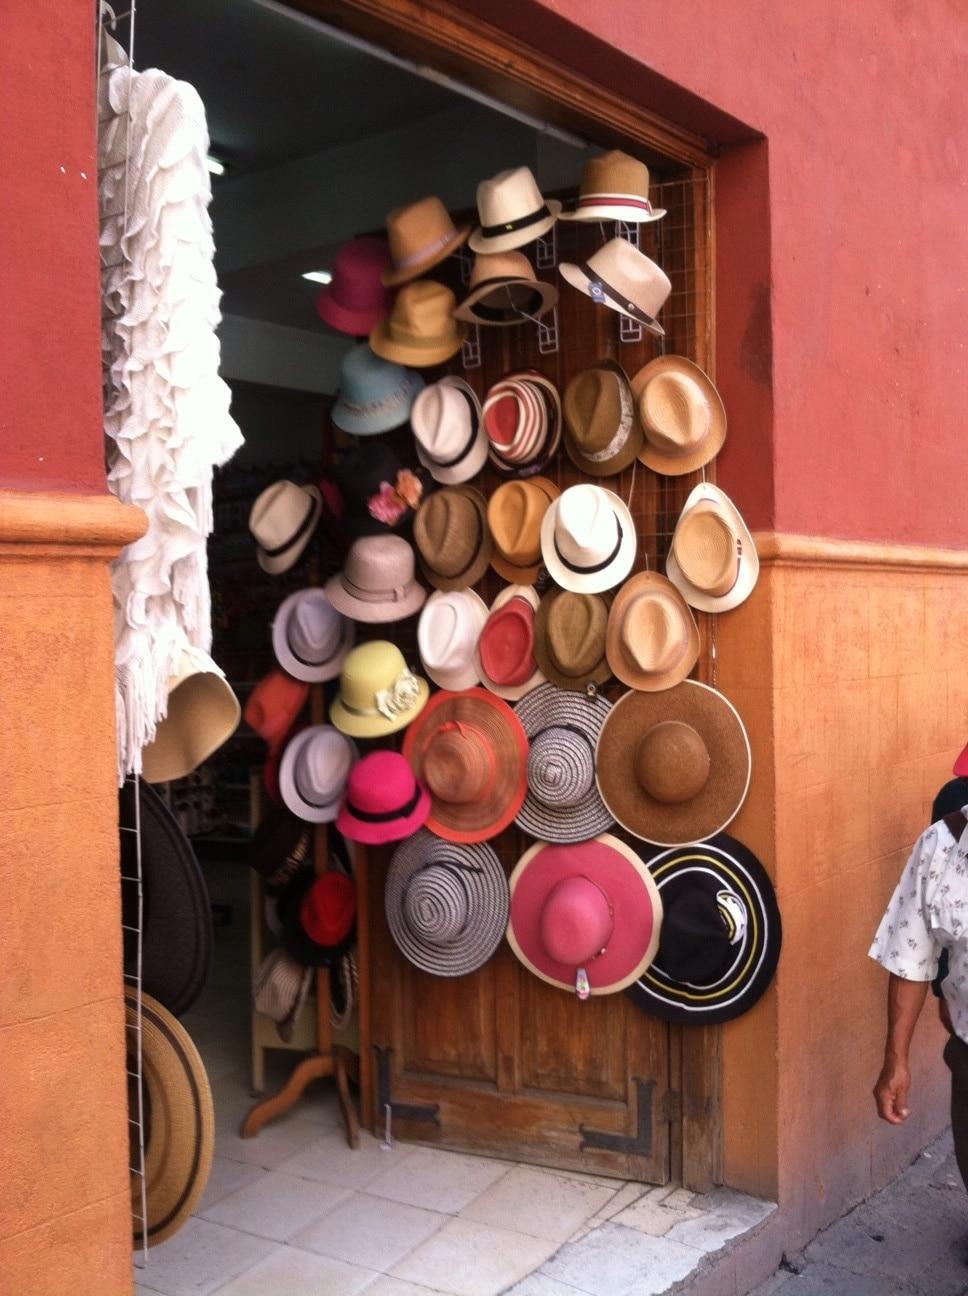 Openbare Bibliotheek van San Miguel de Allende, San Miguel de Allende, Guanajuato, Mexico